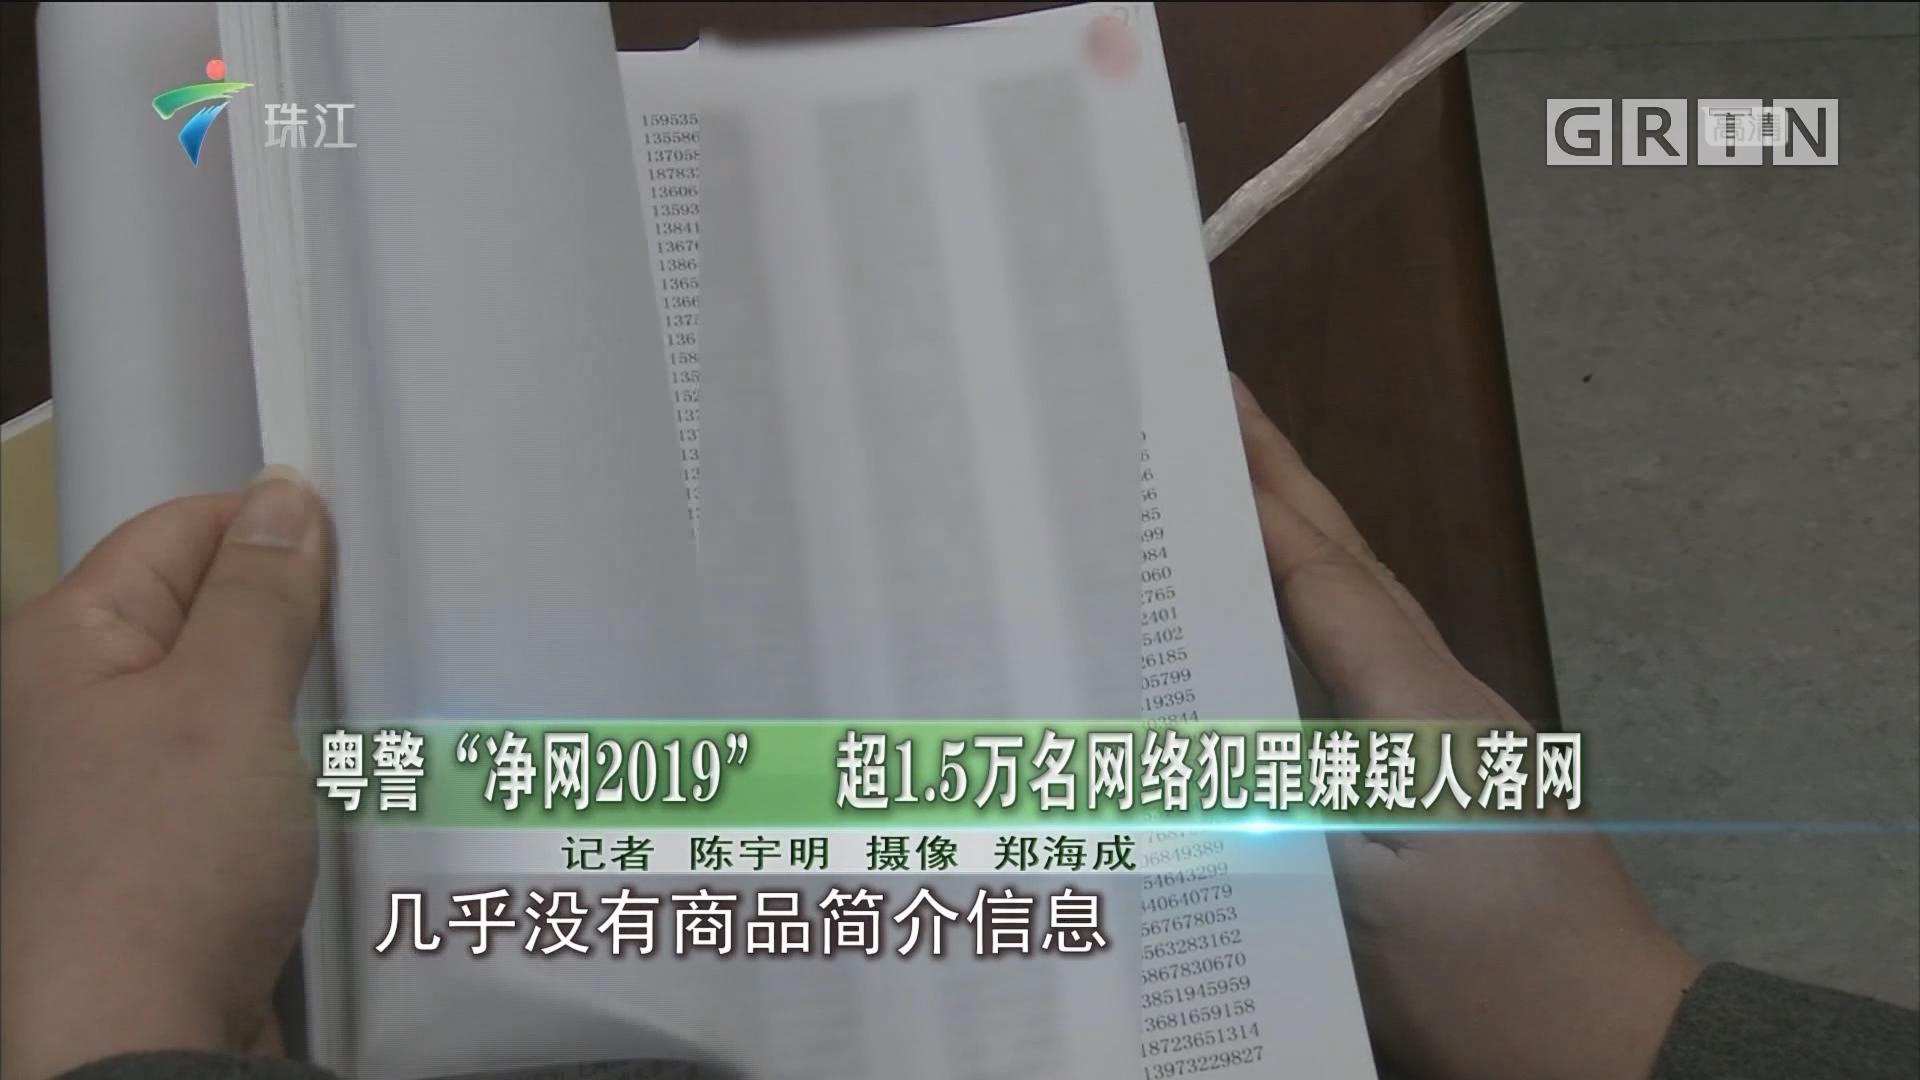 """粤警""""净网2019"""" 超1.5万名网络犯罪嫌疑人落网"""